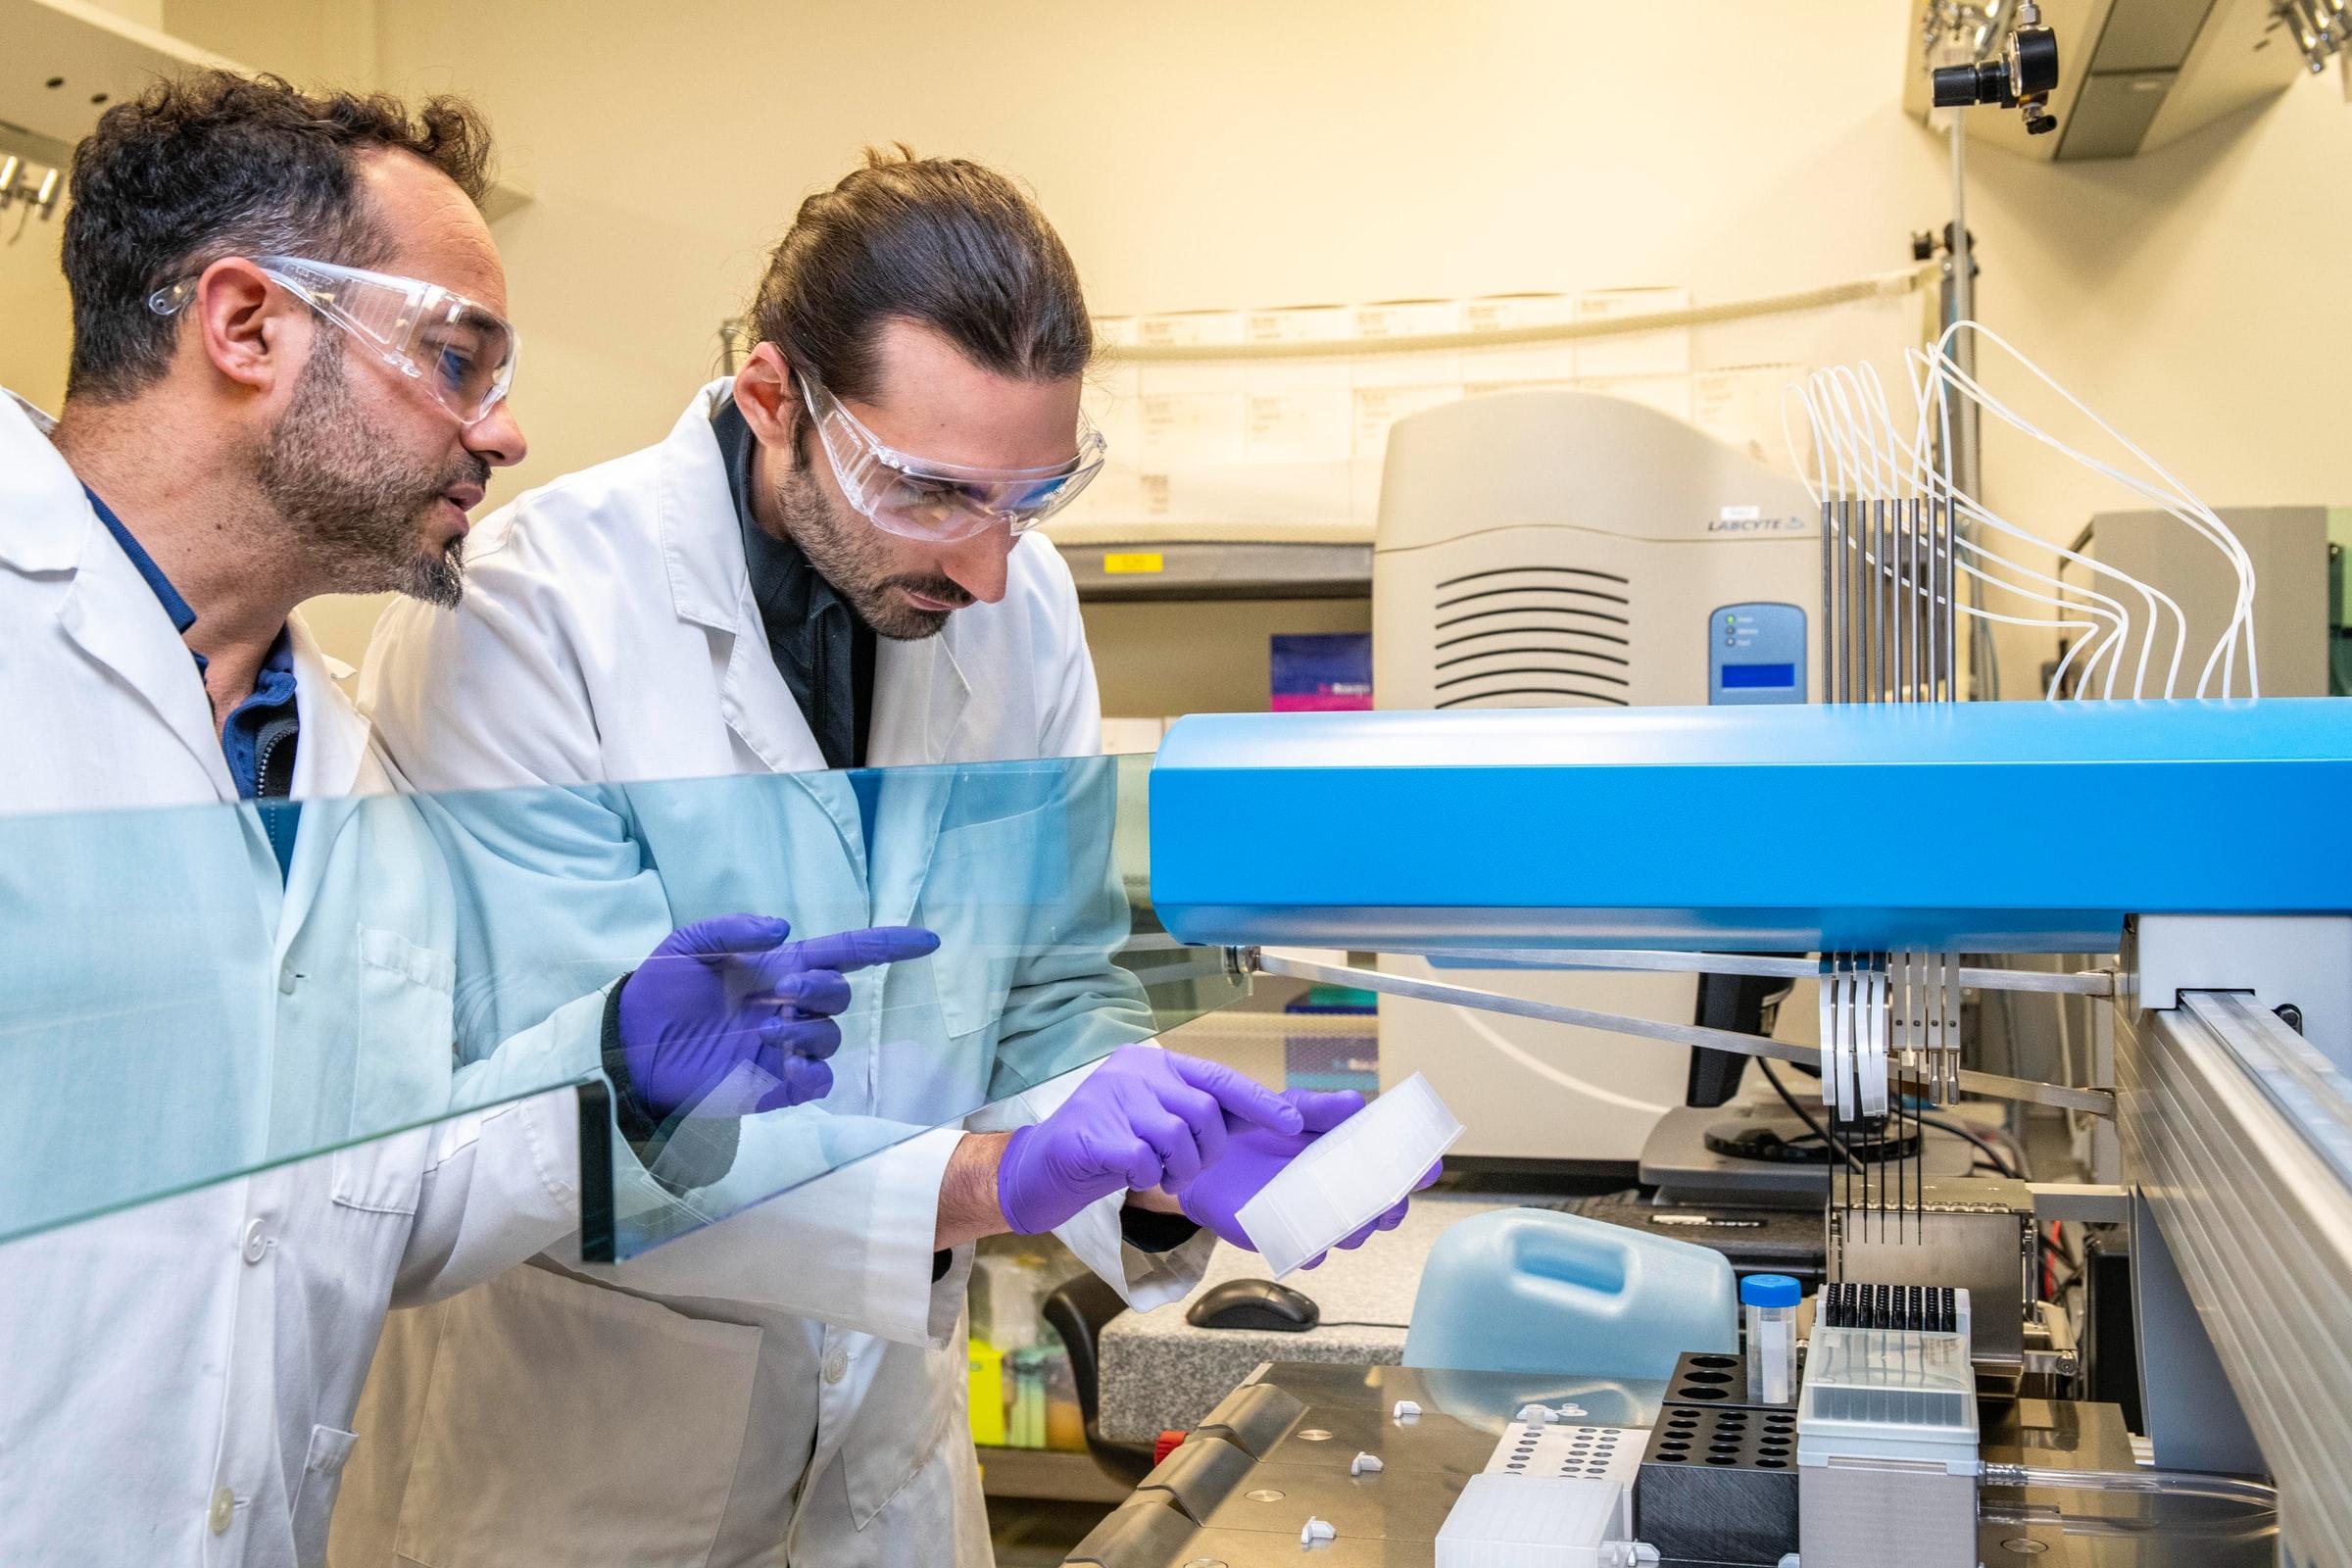 Personas trabajando en un laboratorio